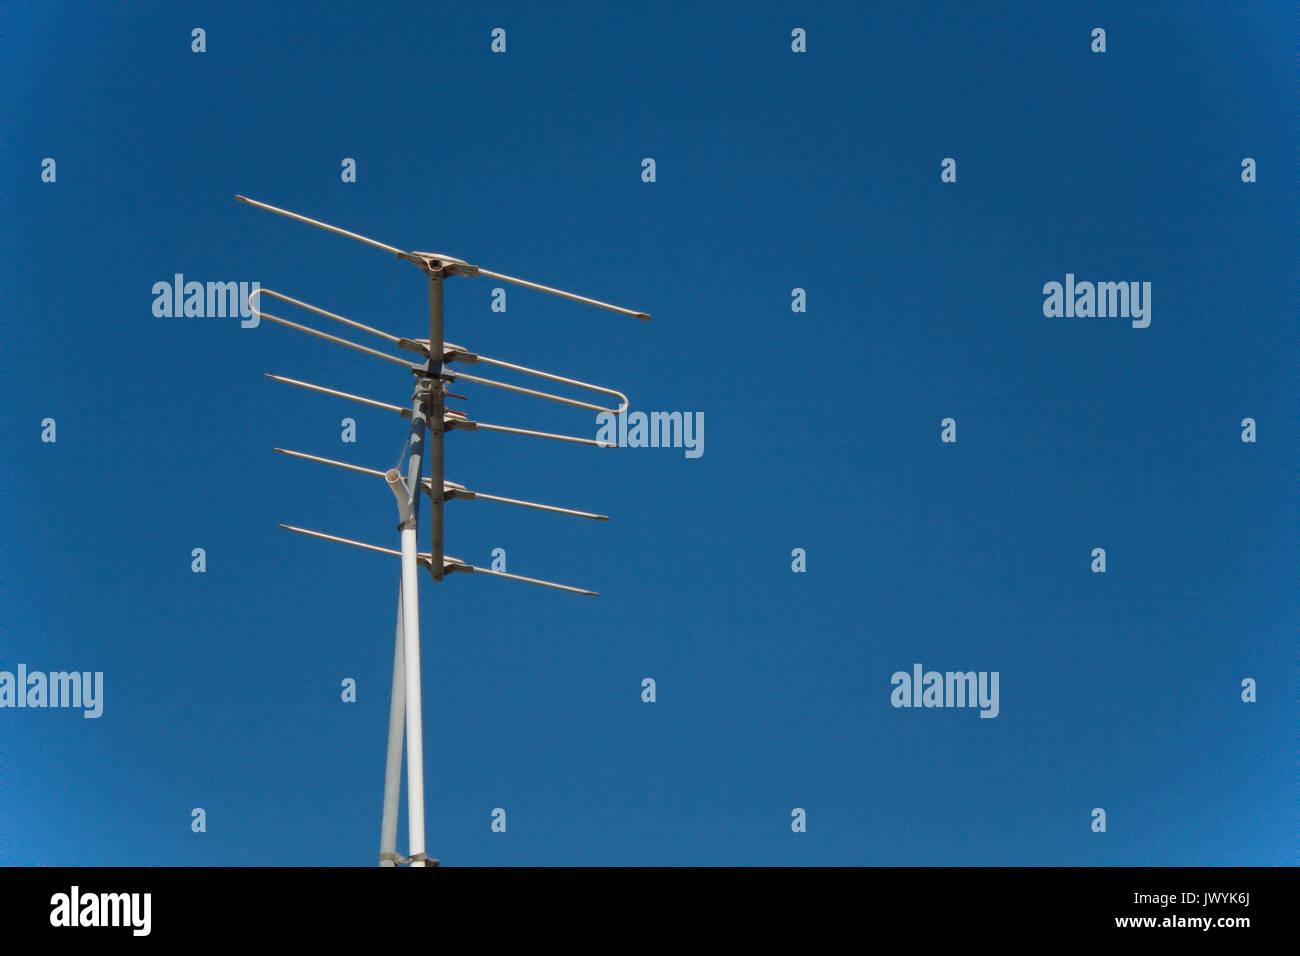 Directional Antenna Stock Photos & Directional Antenna Stock Images